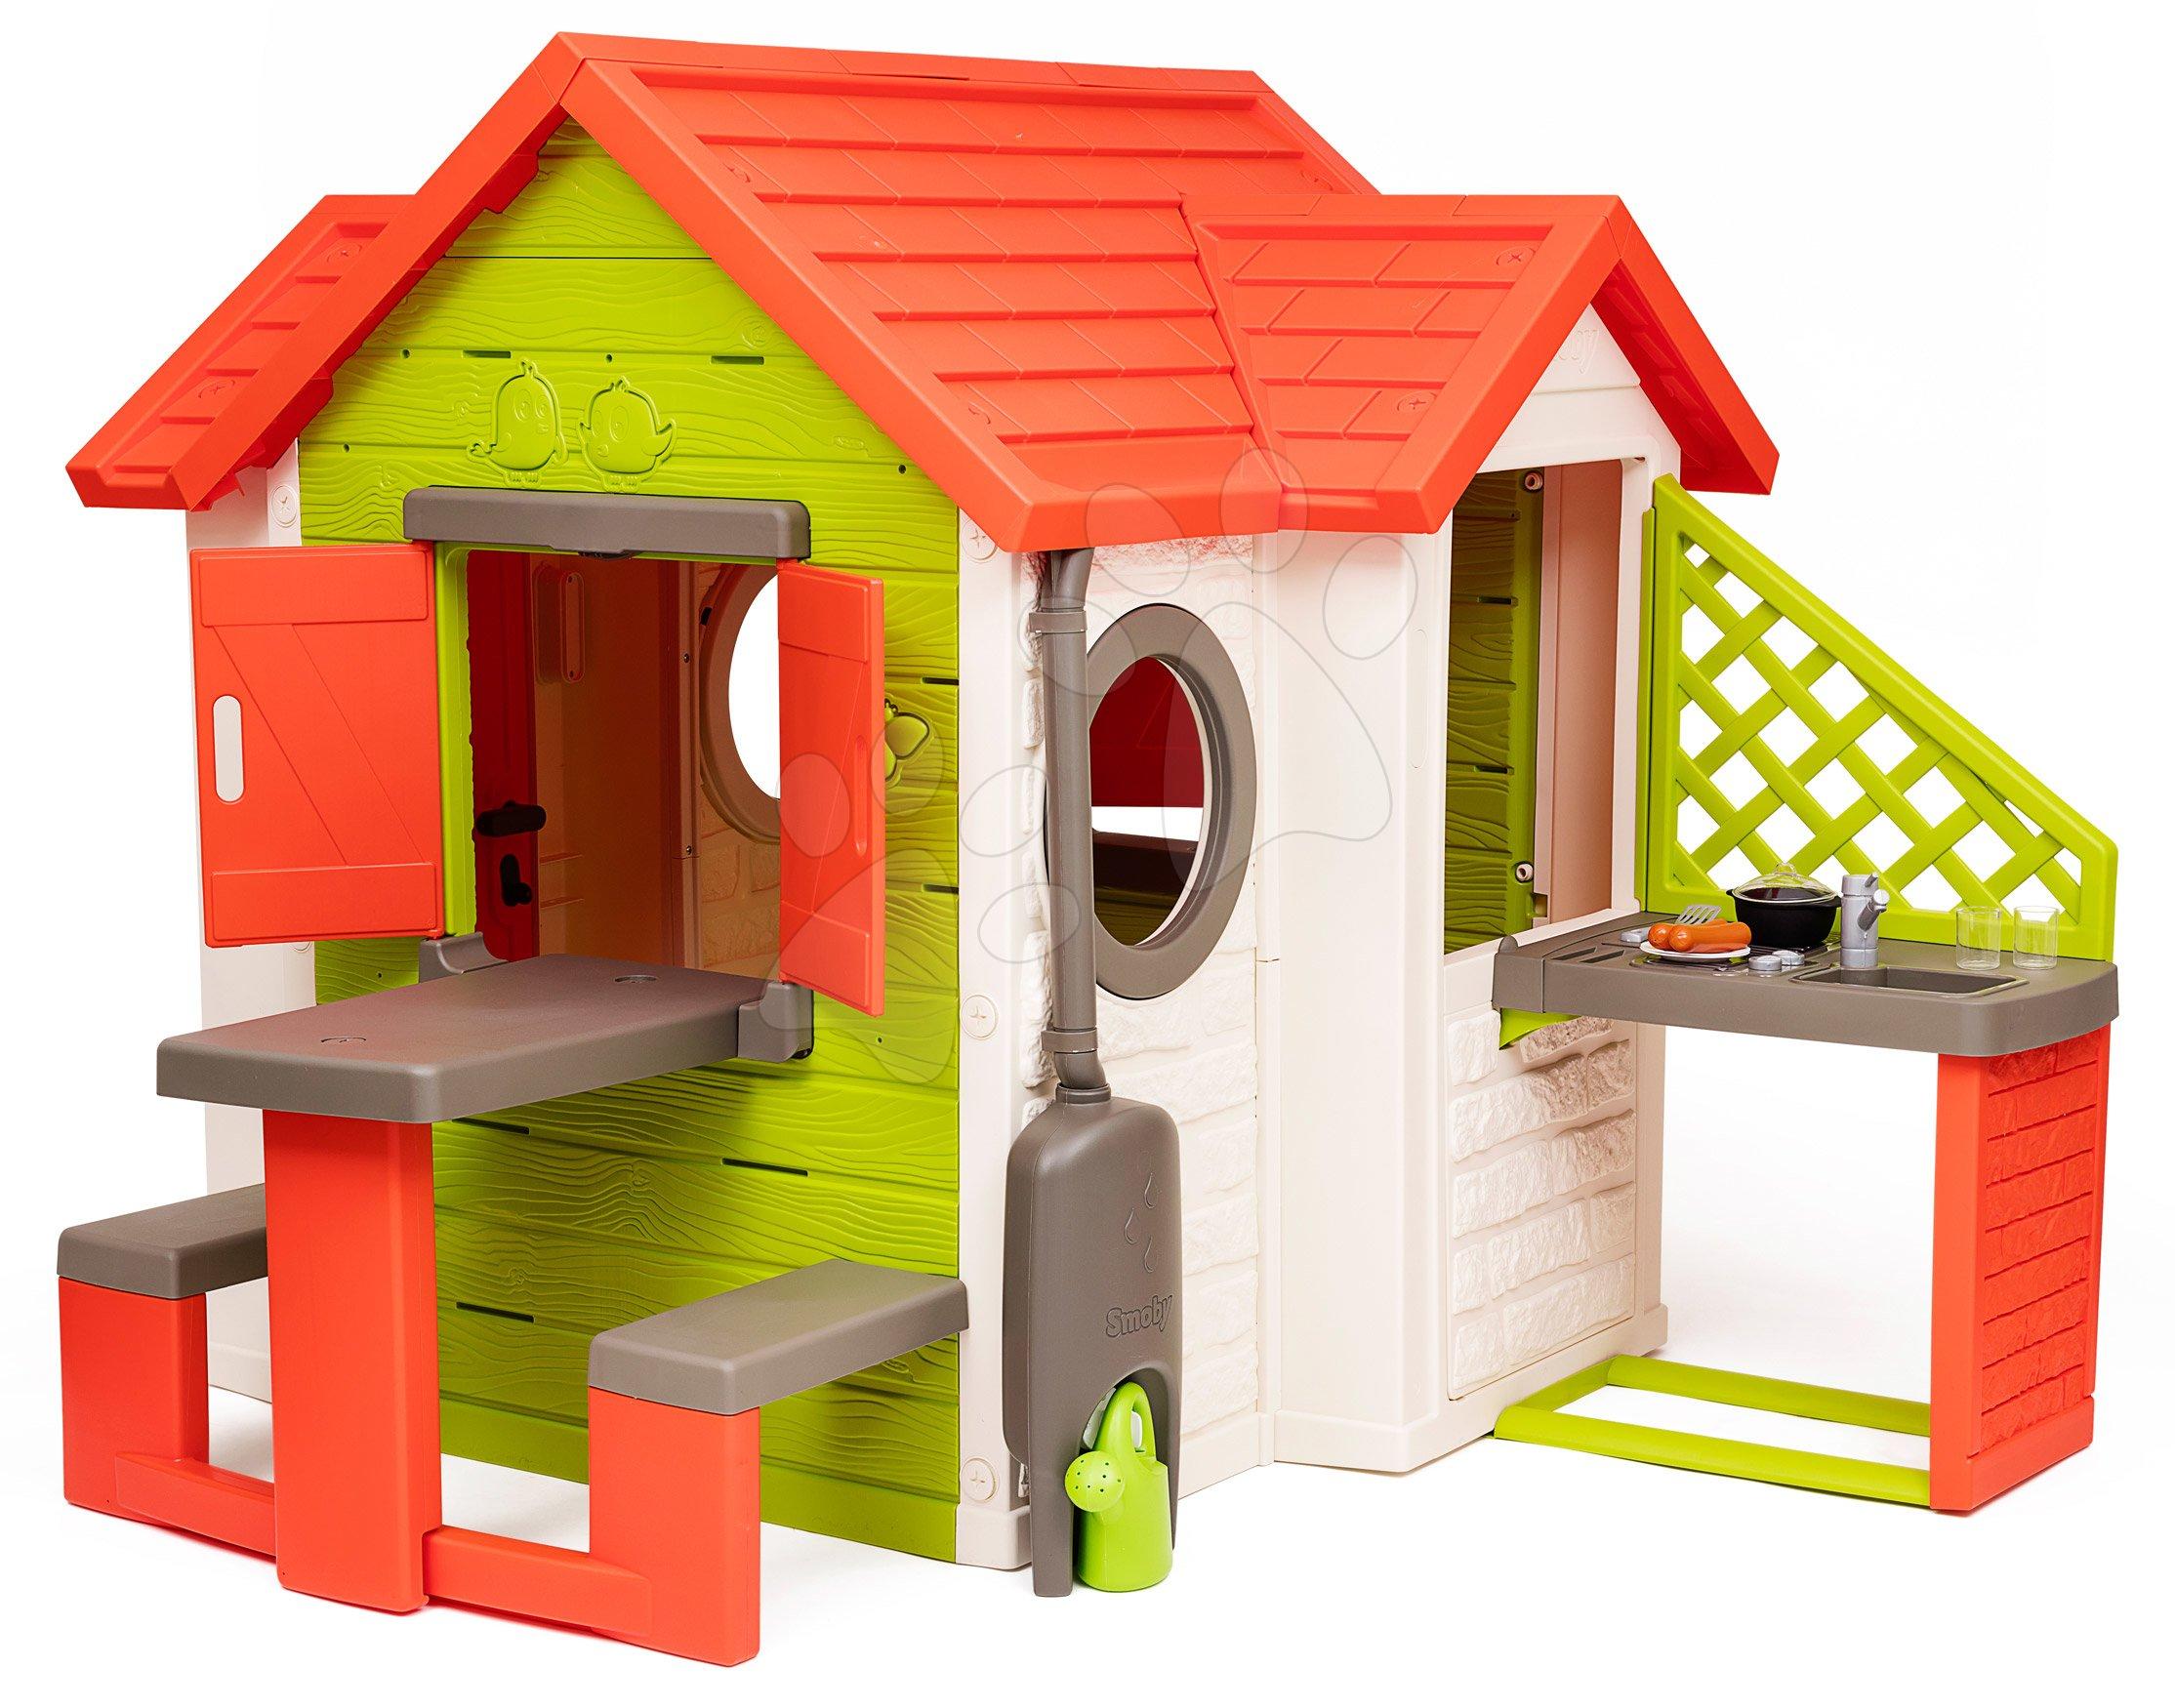 Domček My Neo House DeLuxe Smoby s kuchynkou a stolom